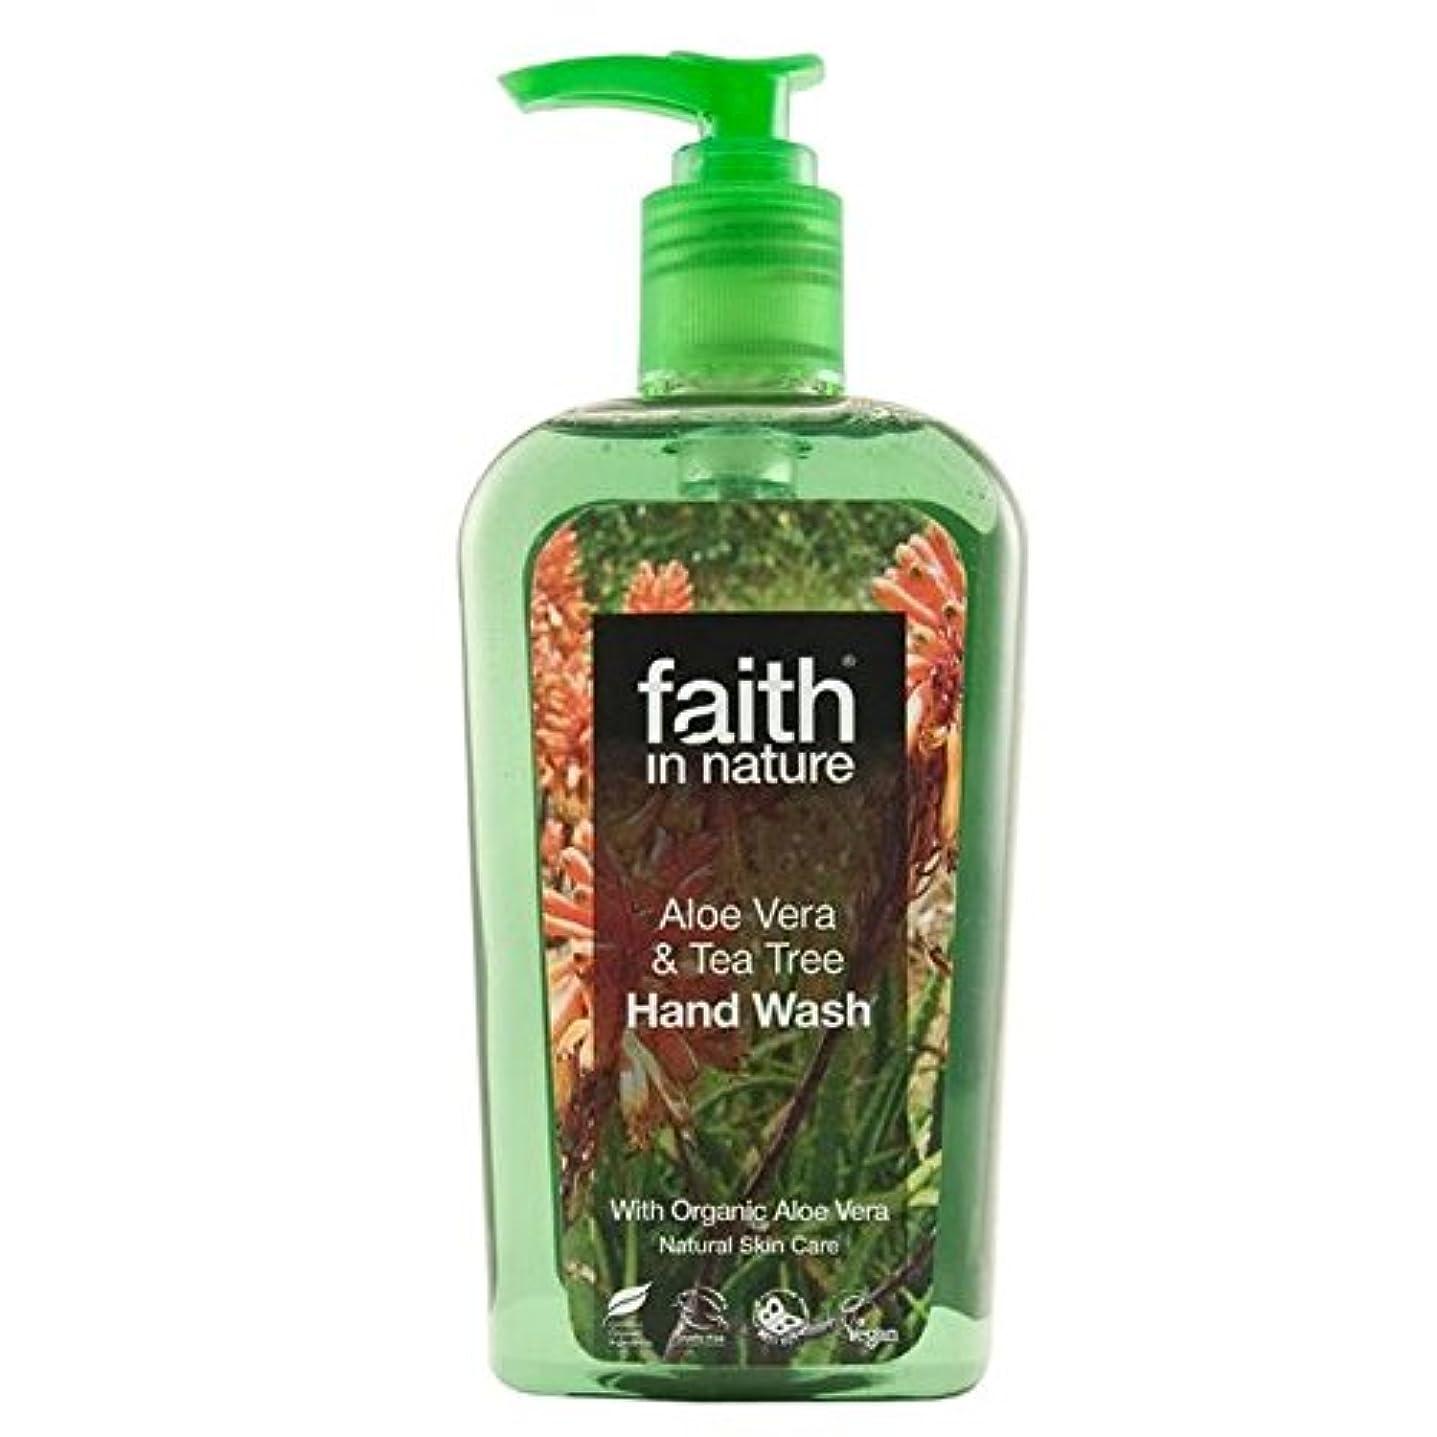 感じるコンデンサー知性Faith in Nature Aloe Vera & Tea Tree Handwash 300ml - (Faith In Nature) 自然のアロエベラ&ティーツリー手洗いの300ミリリットルの信仰 [並行輸入品]